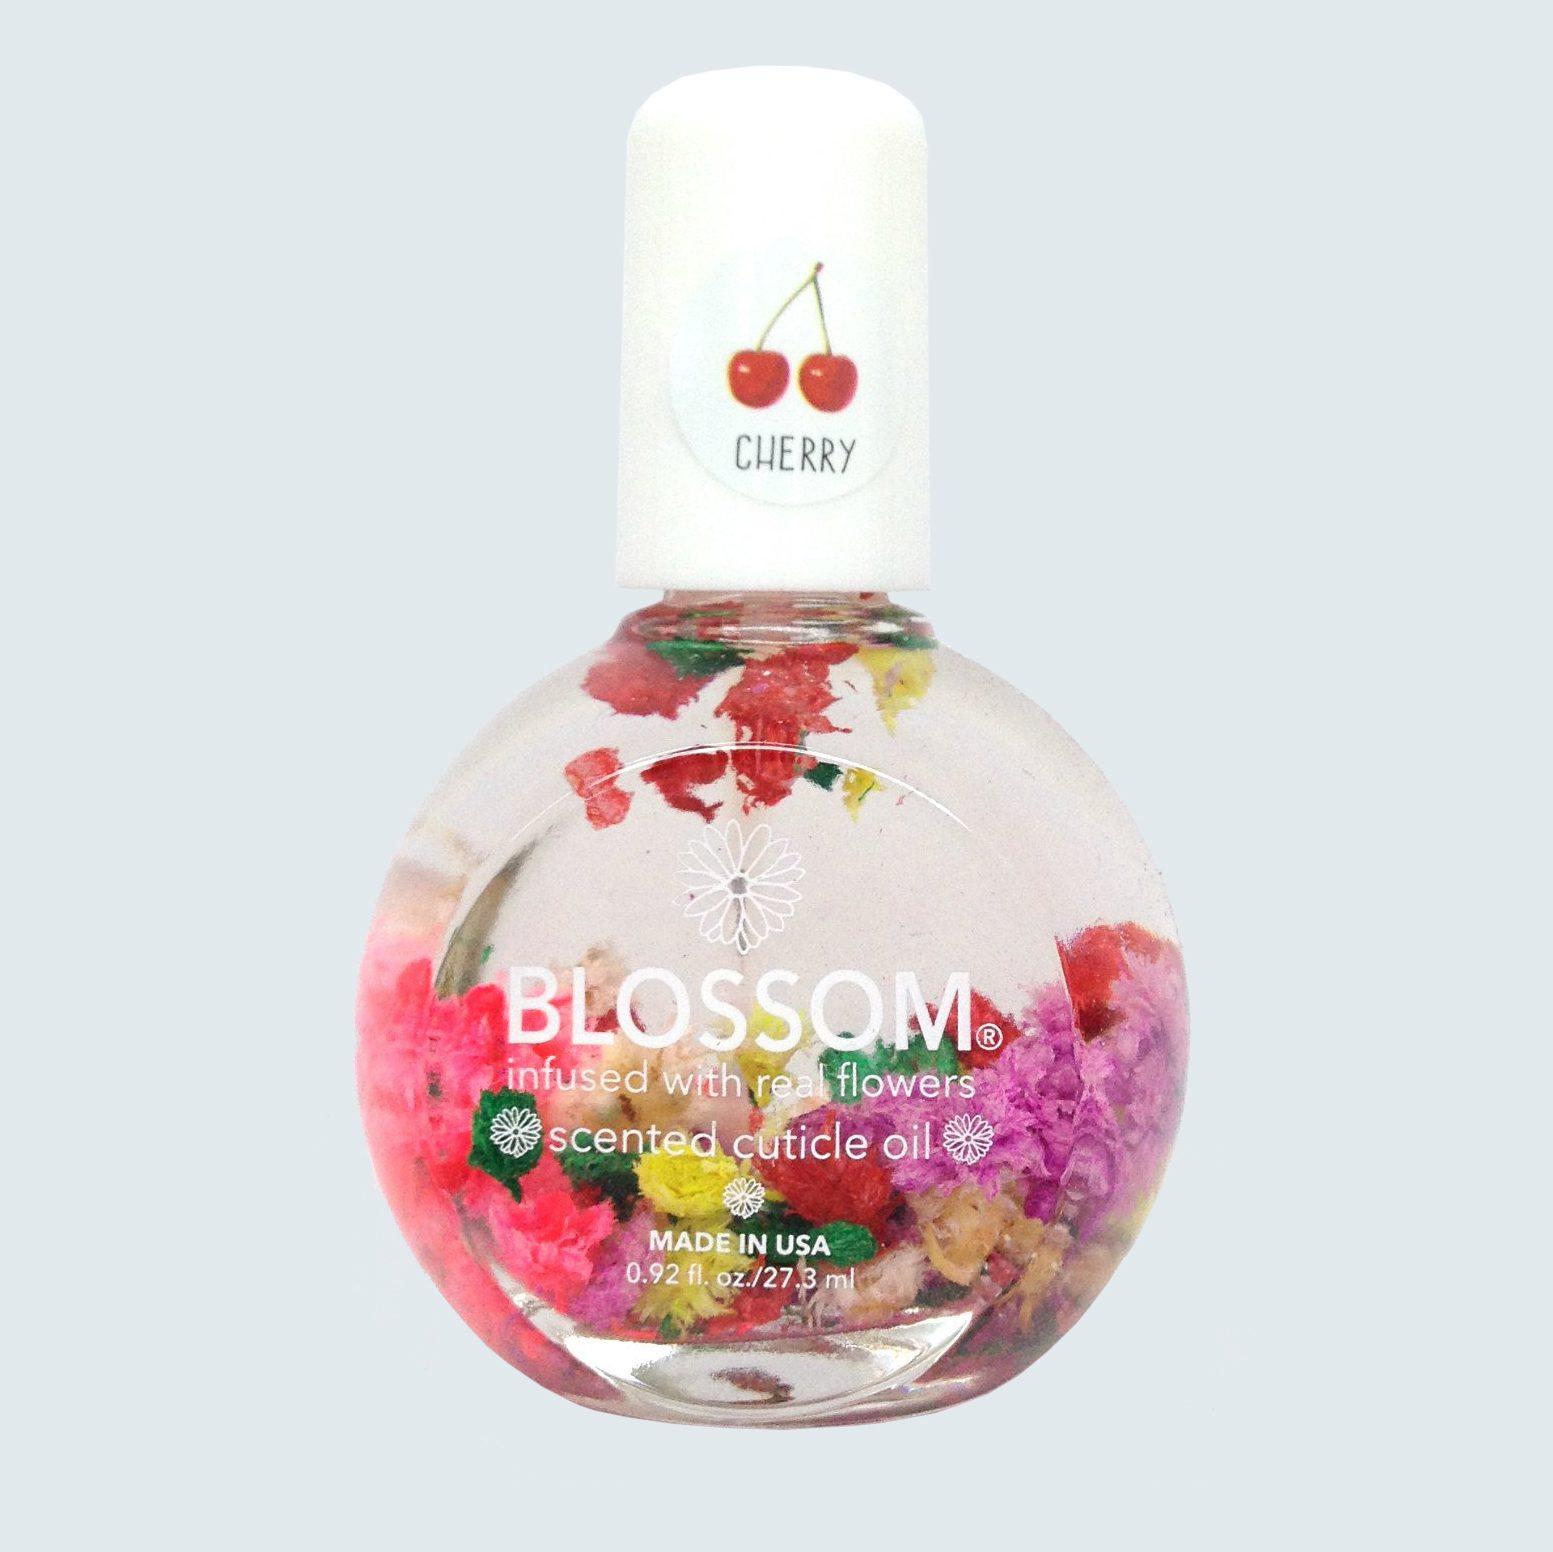 Blossom Scented Cuticle Oil